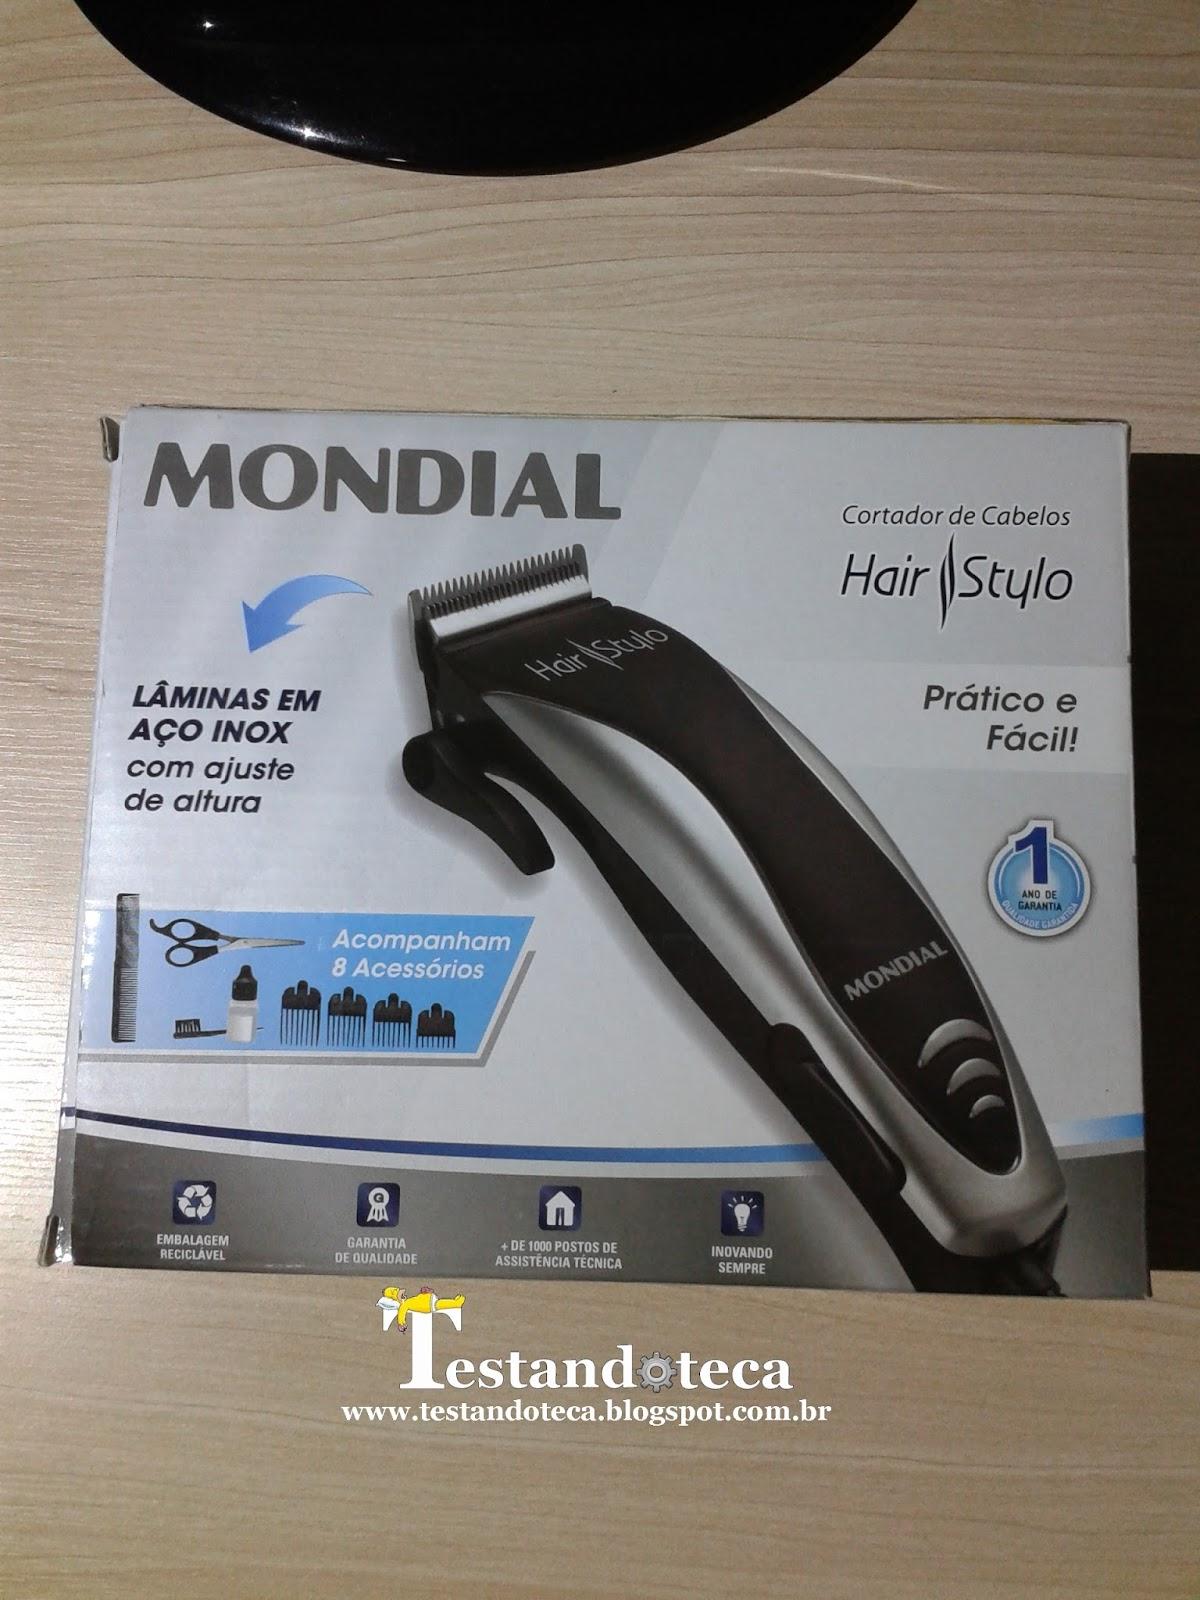 f6fb1681b Testandoteca: Cortador de cabelos Hair Stylo CR-02 da Mondial